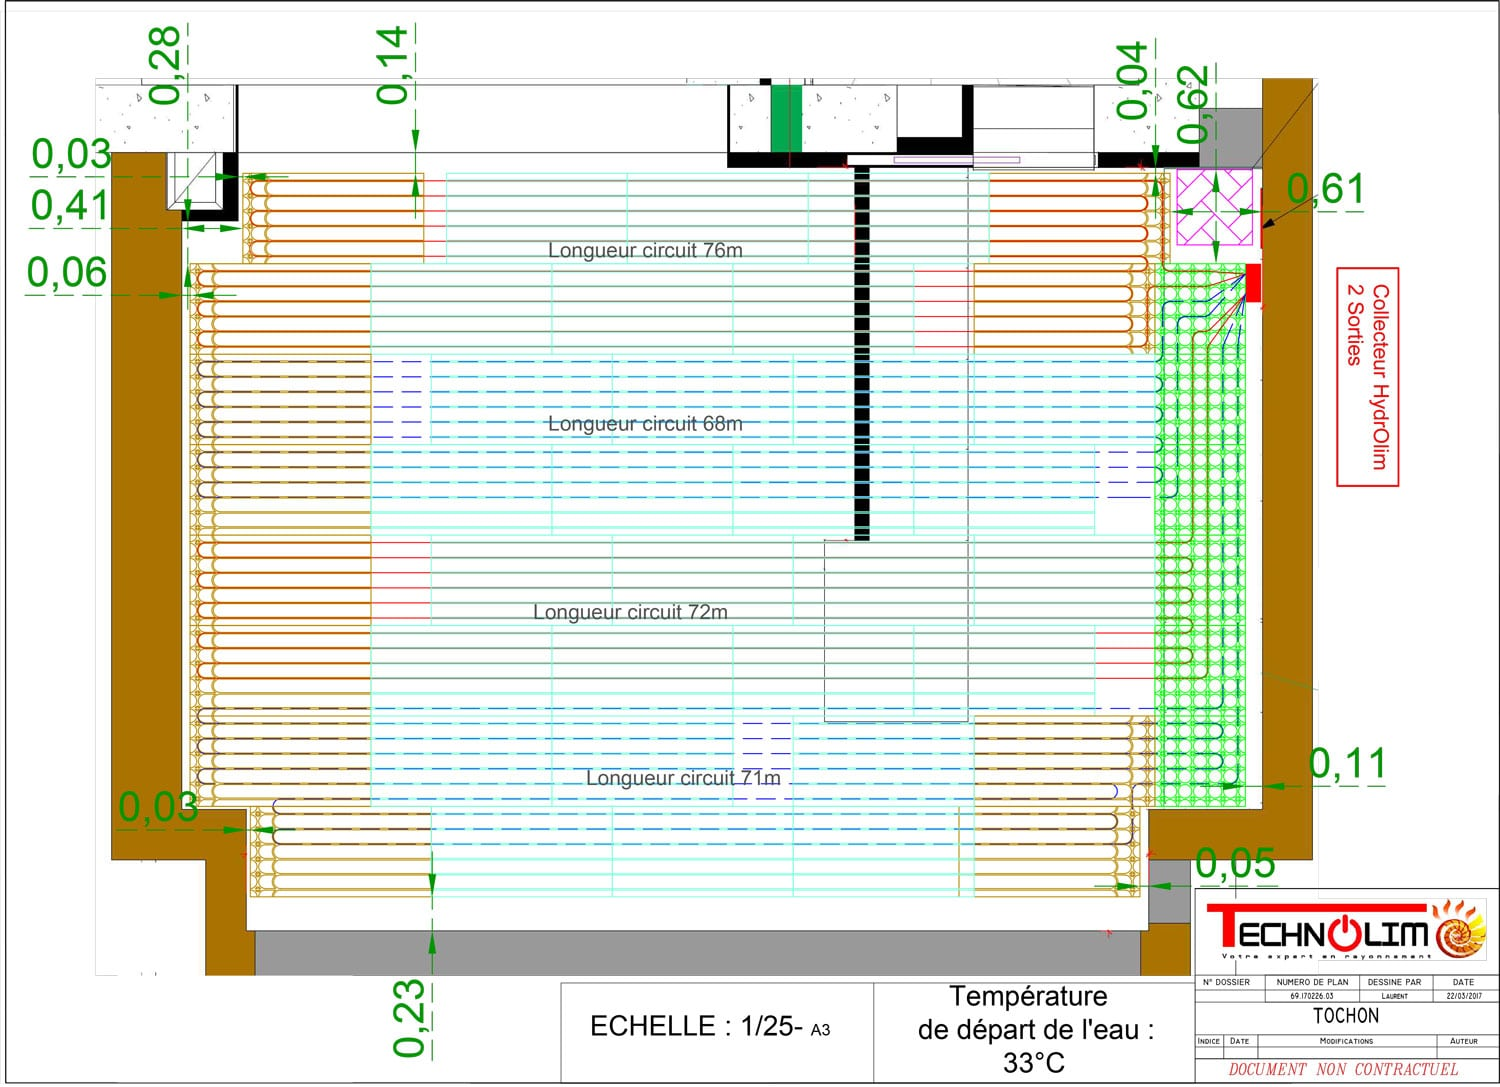 RayTop, plafond chauffant hydraulique de la société Technolim à Limoges, spécialiste en chaleur rayonnante